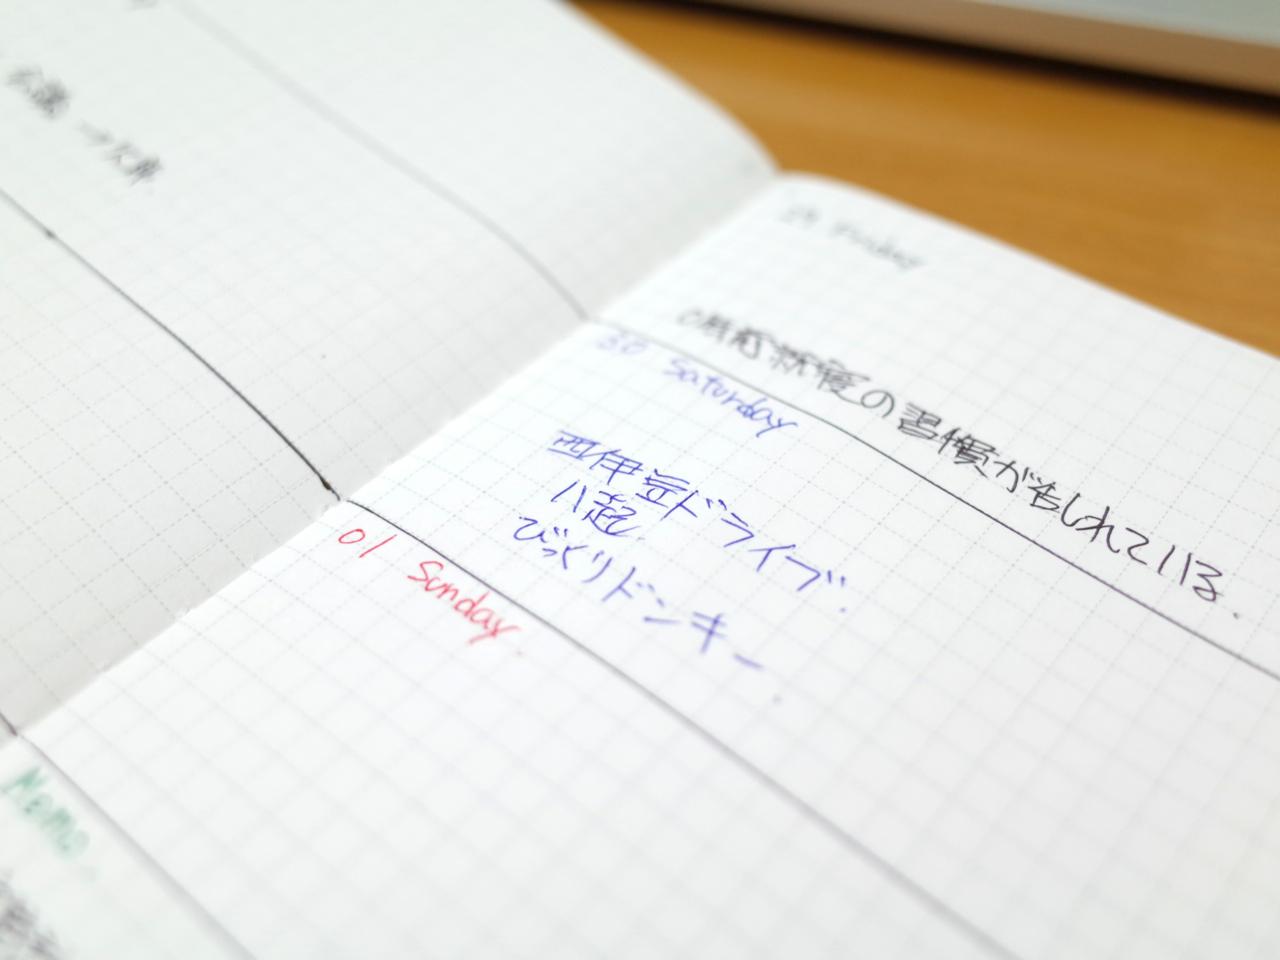 ほぼ日のメモ帳の写真